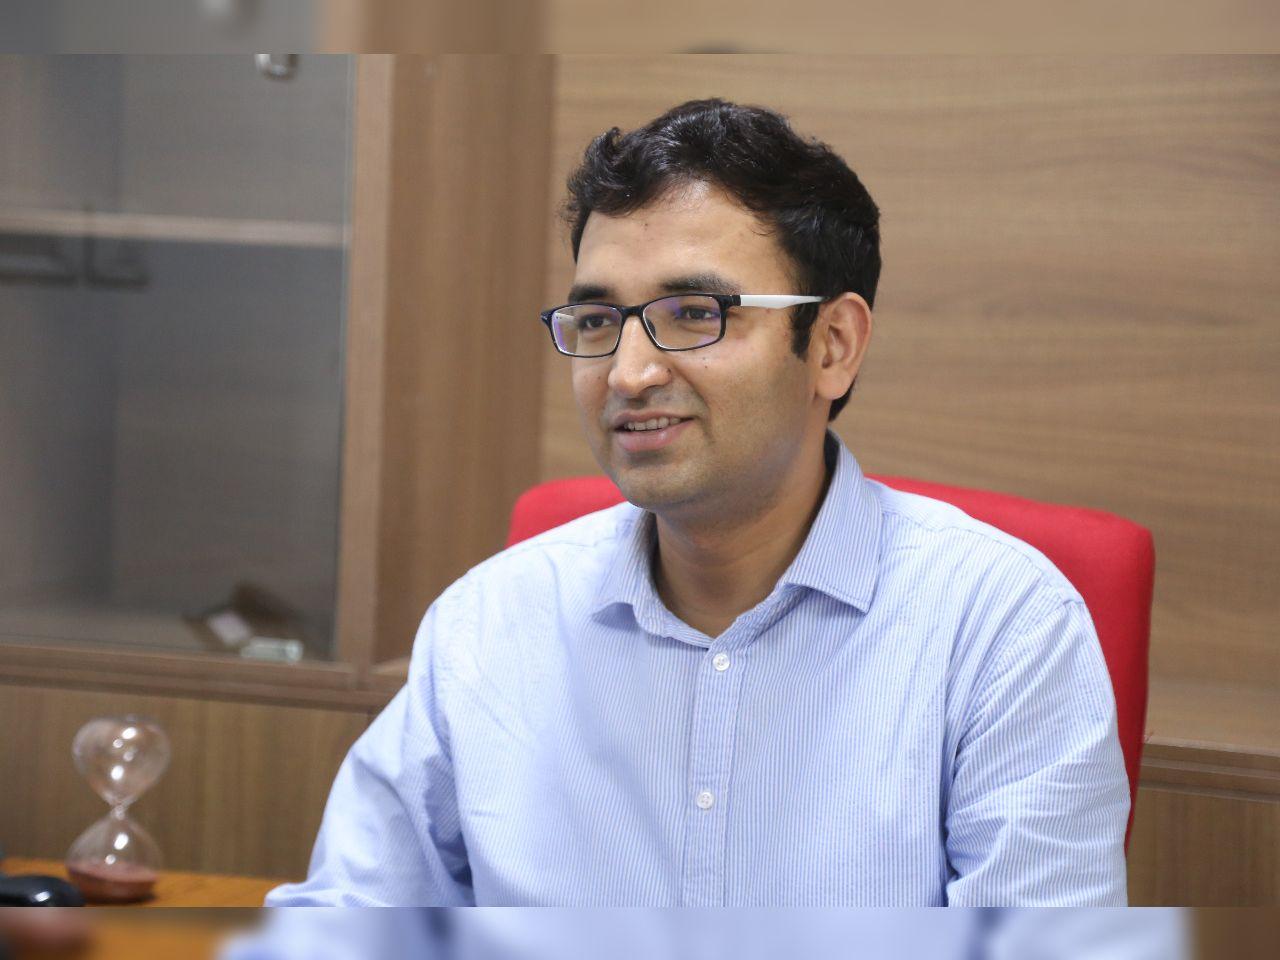 બ્રેસ્ટ કેન્સરના નિદાન માટે ત્રણ વર્ષ સુધી સૌથી ઓછું નુકસાન કરતી અલ્ટ્રાસાઉન્ડ થેરાપી પર રિસર્ચ કરશે|અમદાવાદ,Ahmedabad - Divya Bhaskar